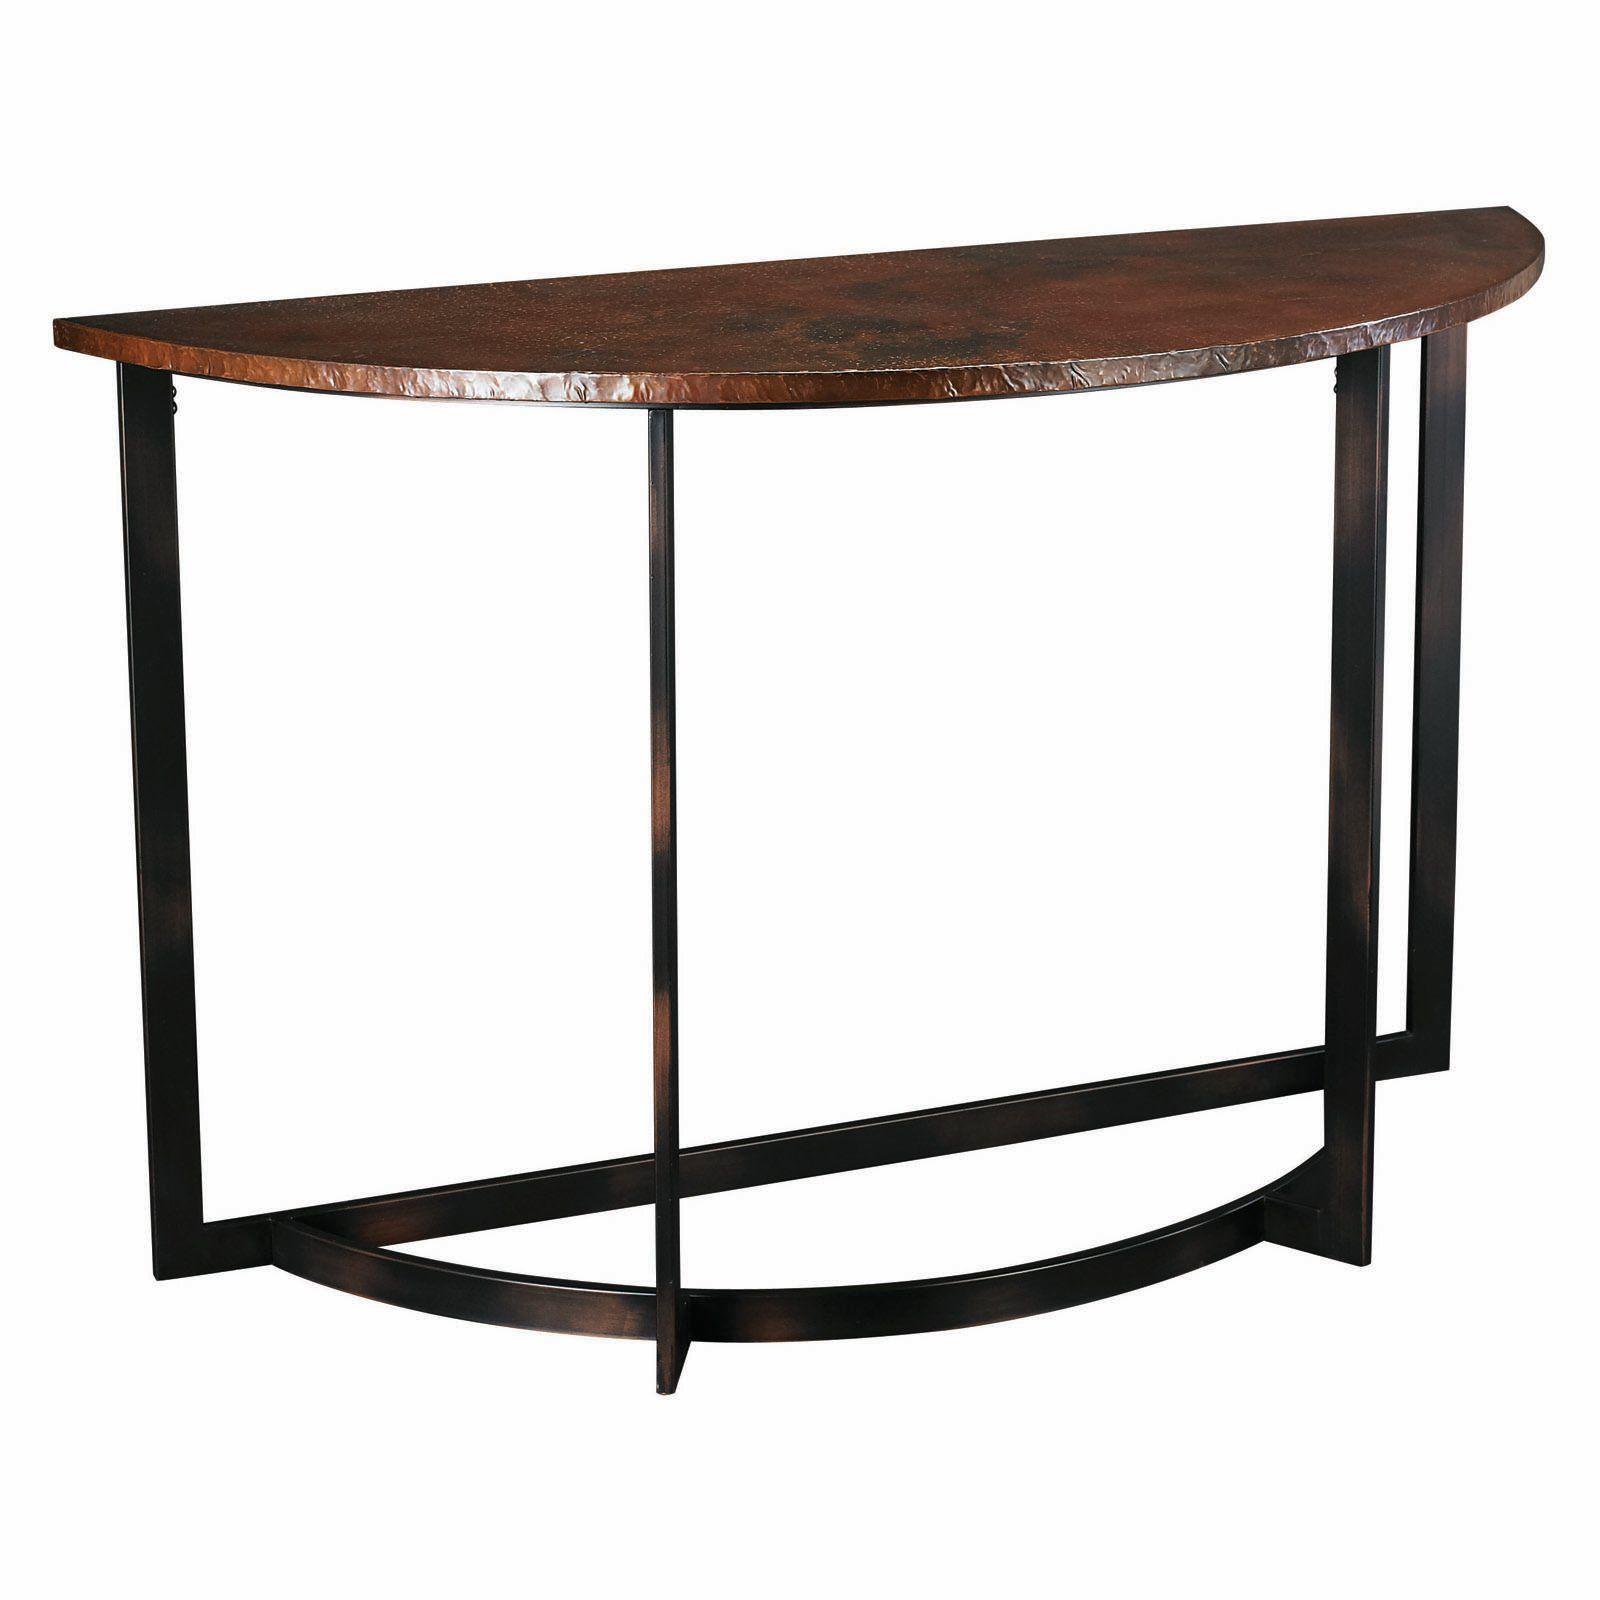 Hammary Nueva Crescent Console table $315 hayneedle